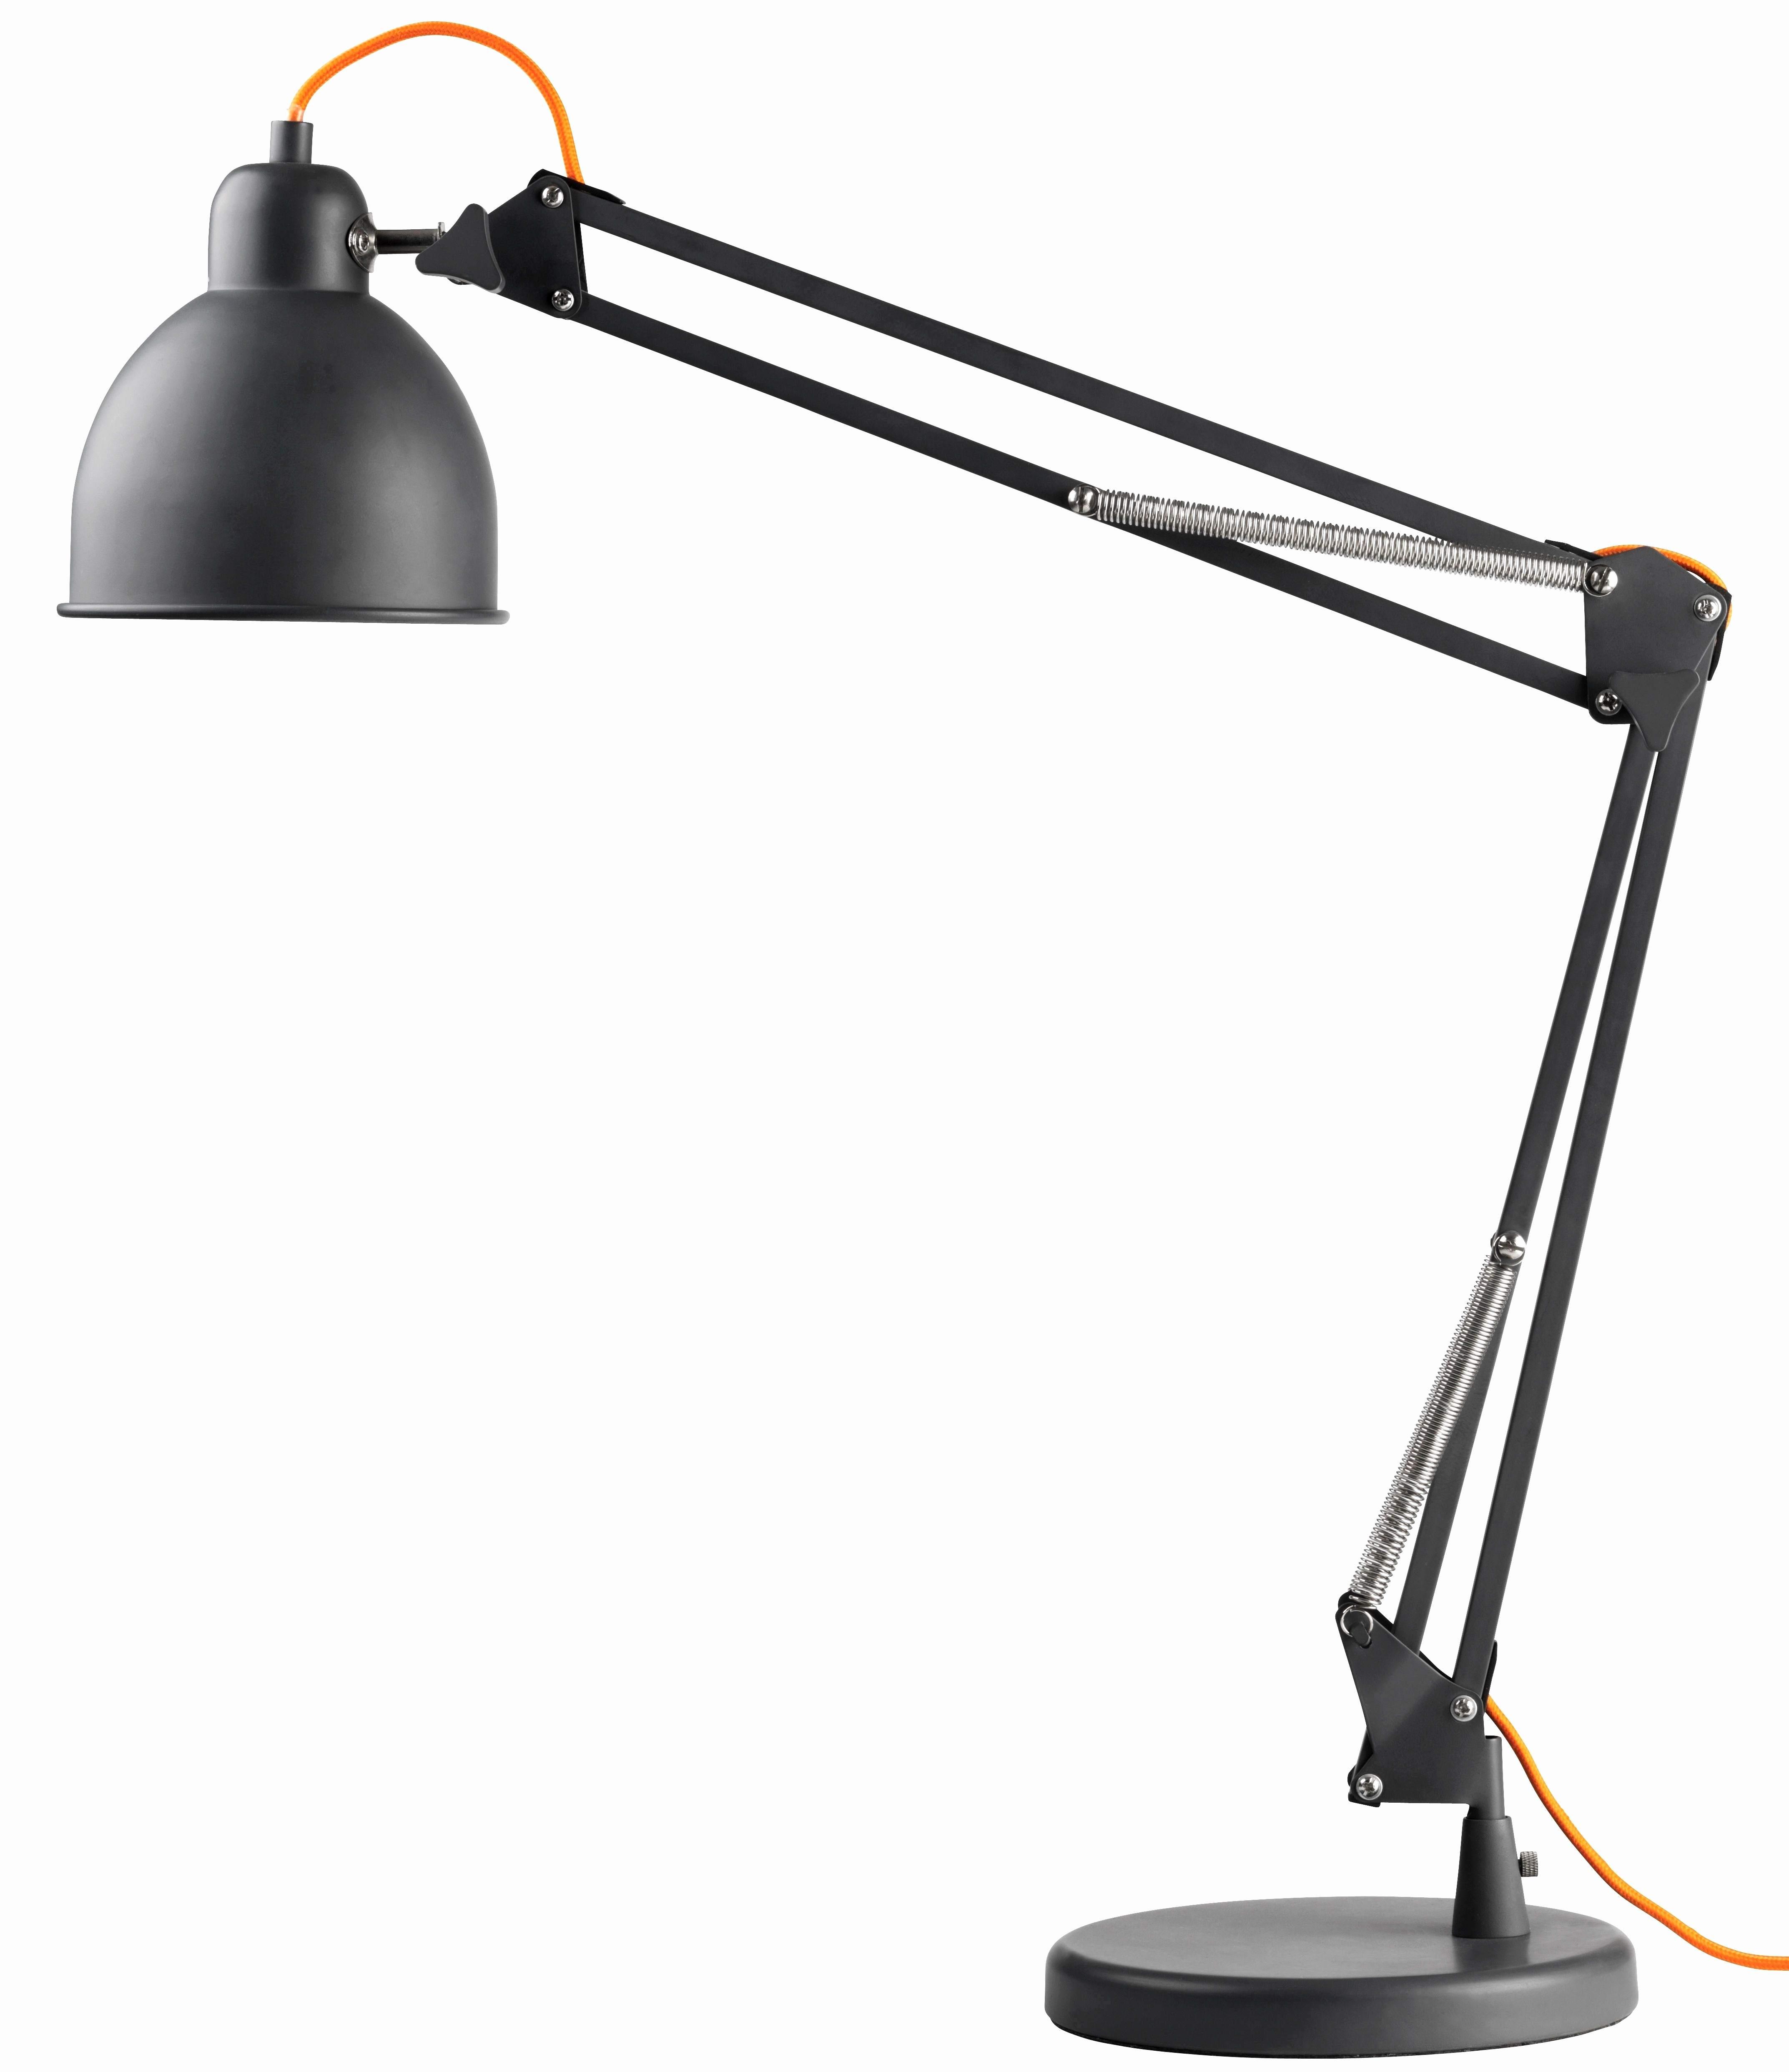 Lampe De Chevet solaire Beau Collection Lampes solaires Jardin Impressionnant Les 16 Nouveau Eclairage